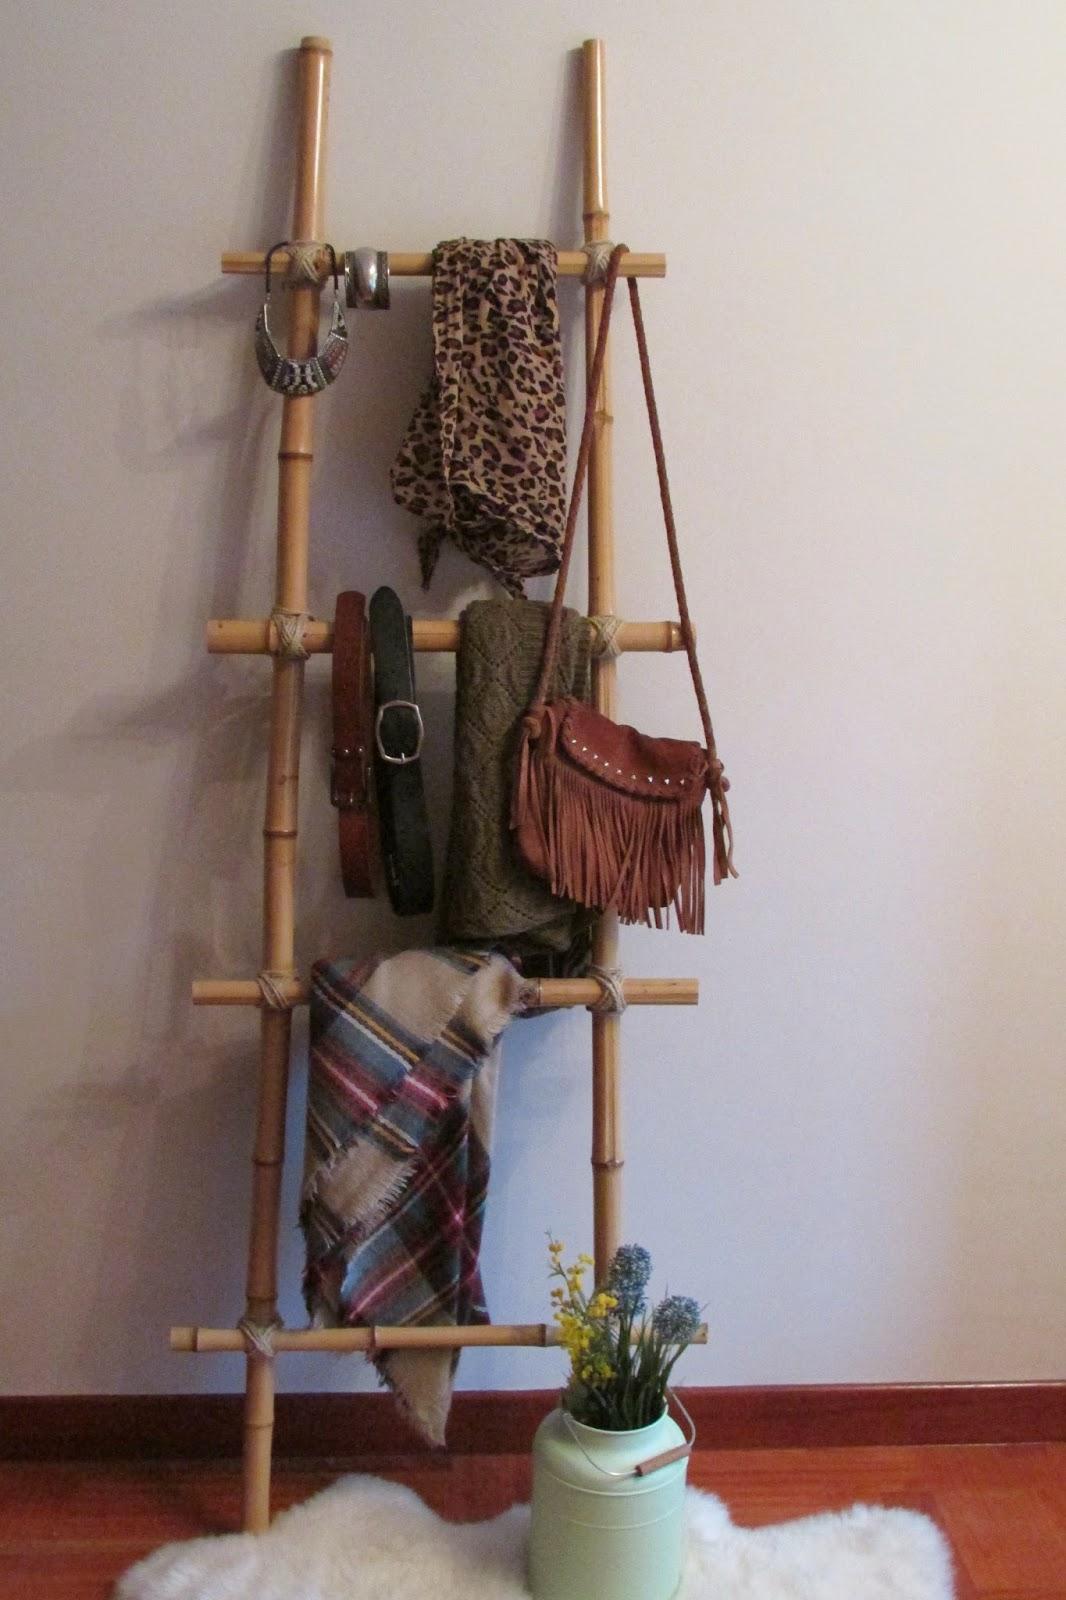 Neutradecor diy escalera de bamb - Escaleras de bambu ...